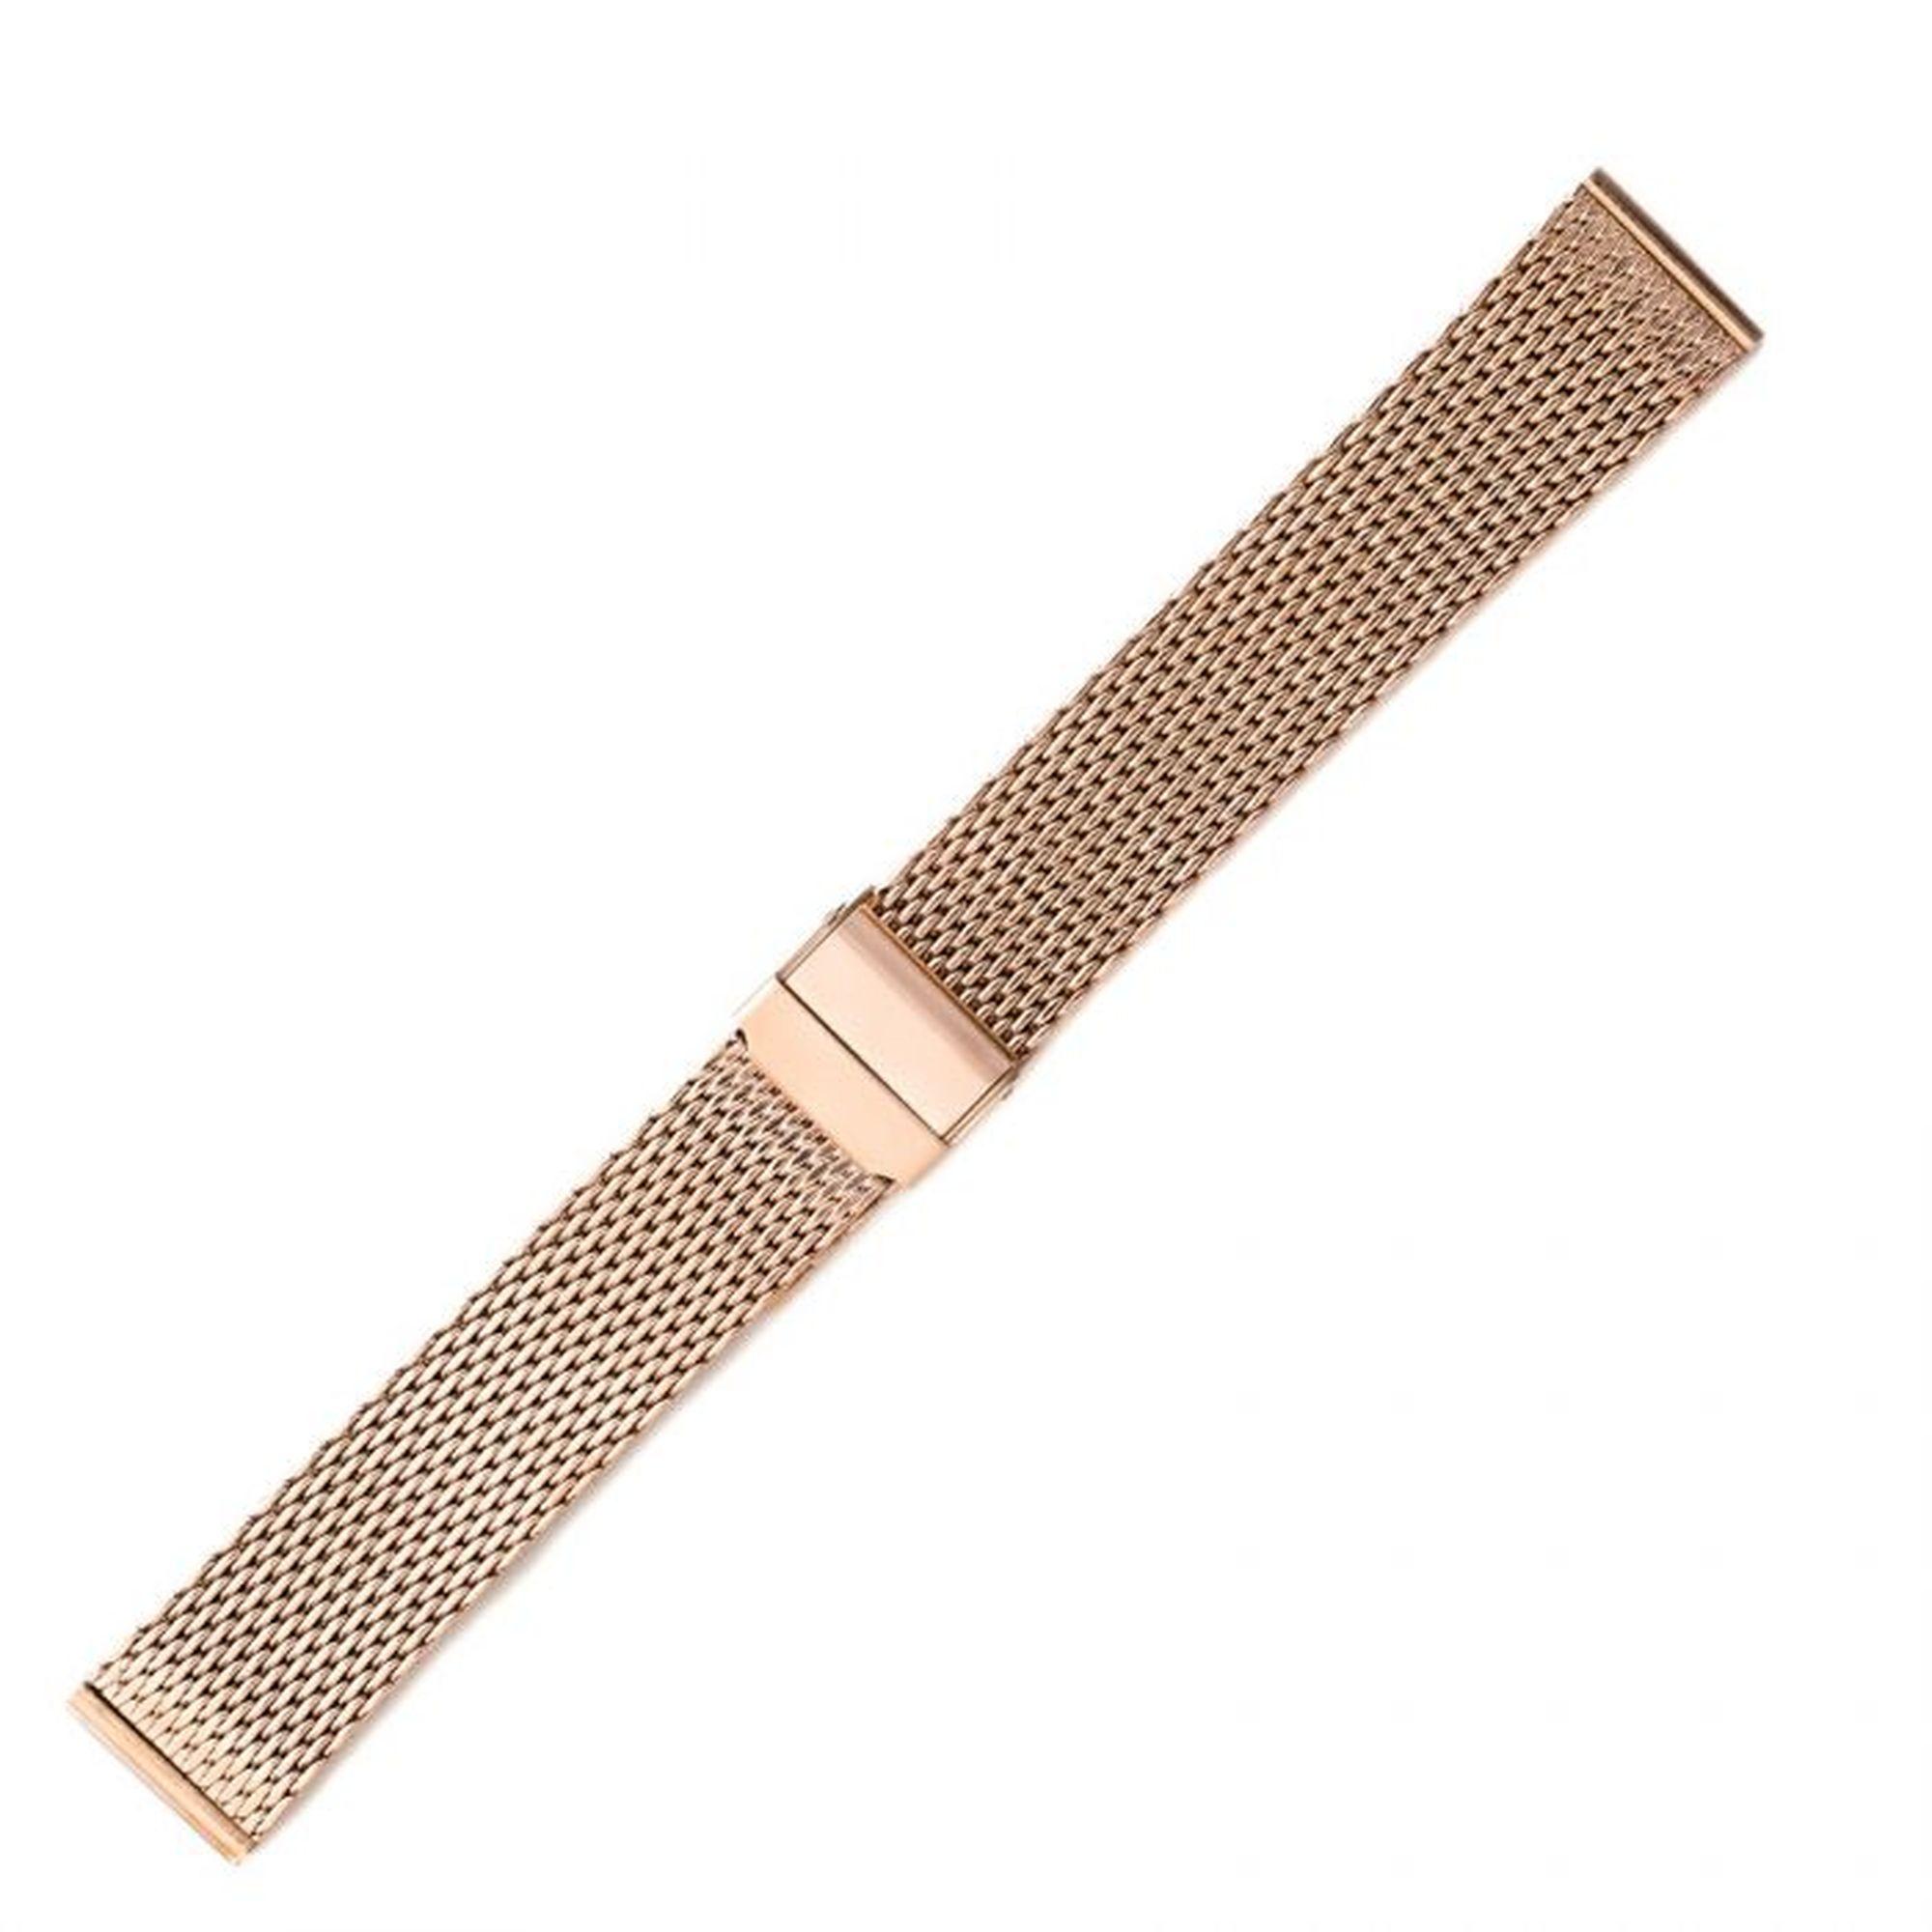 Μεταλικό Μπρασελέ Ροζ 2,6mm 18mm